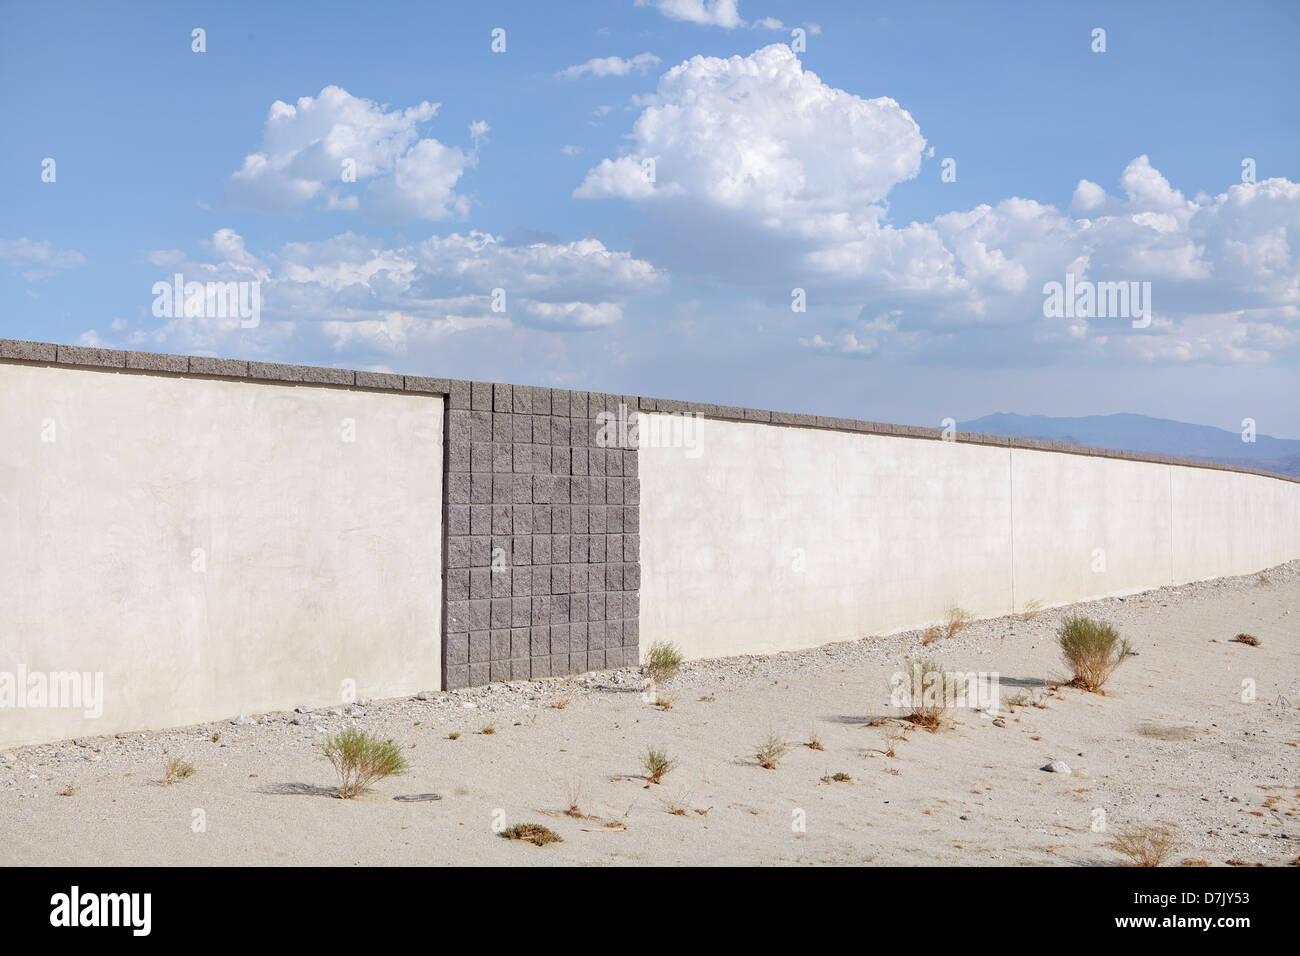 Weiße Wände gegen blauen Himmel Stockfoto